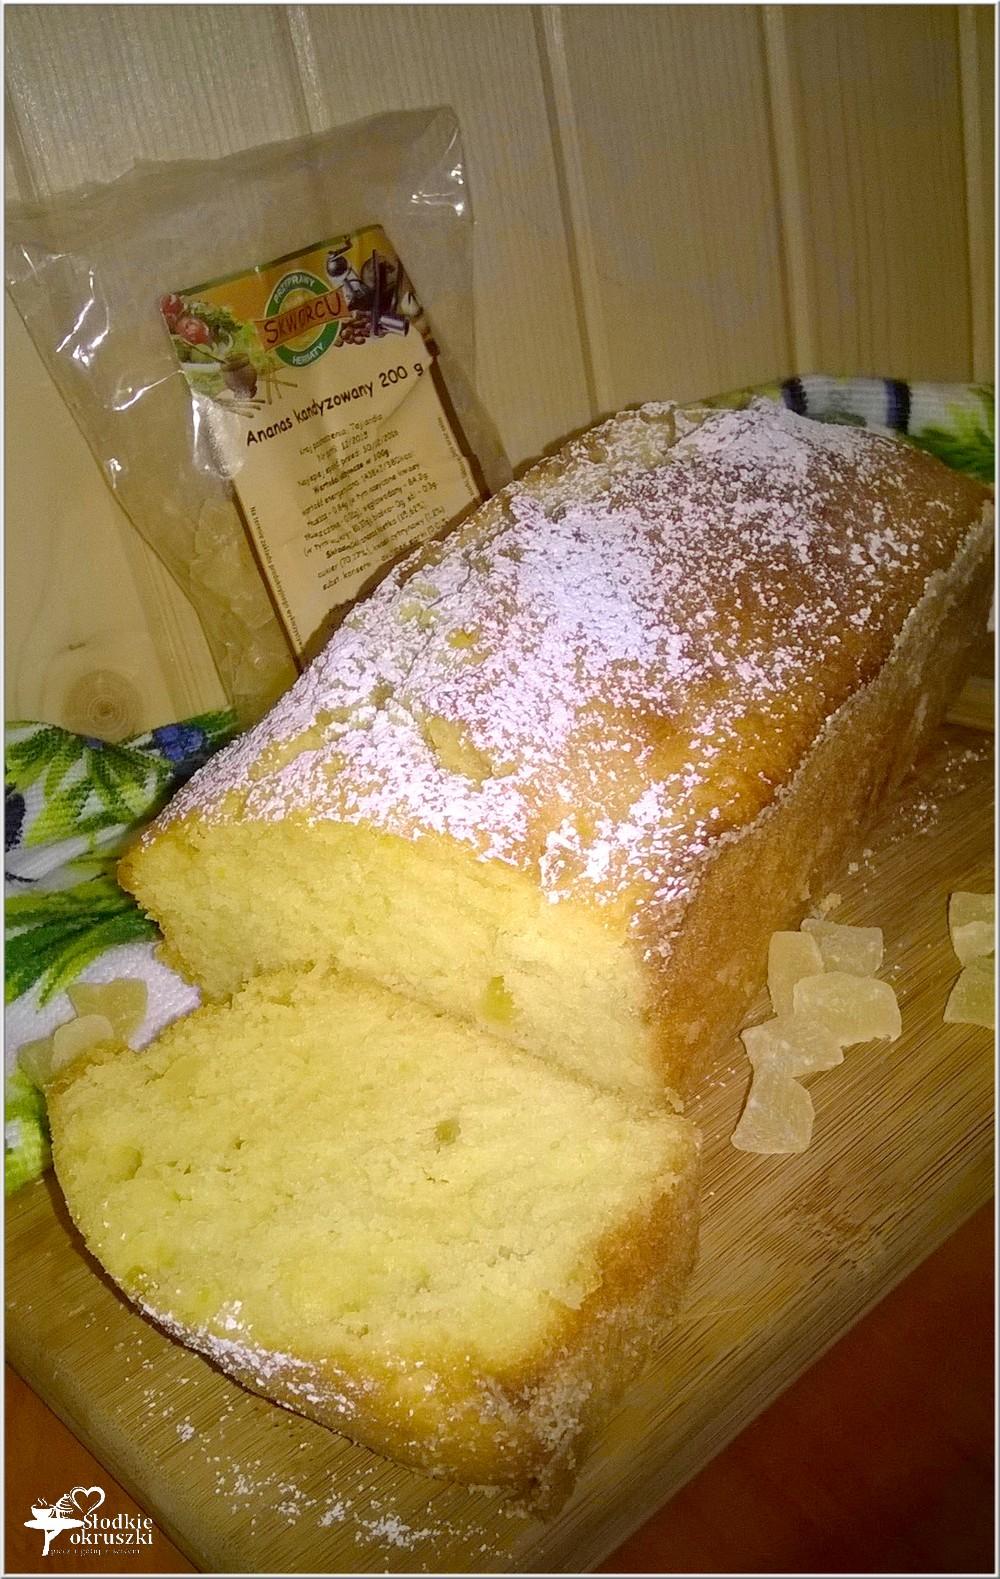 Proste ciasto cytrynowe z kandyzowanym ananasem (3)